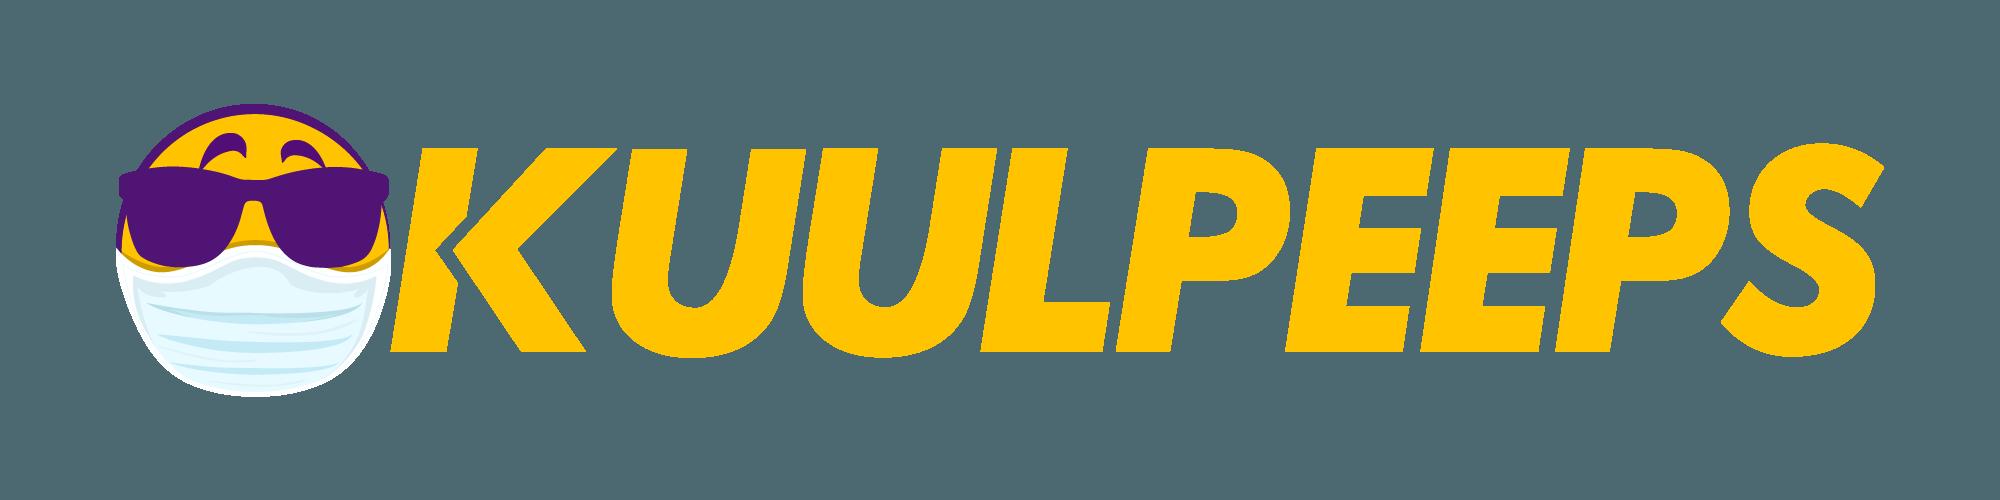 kuulpeeps logo